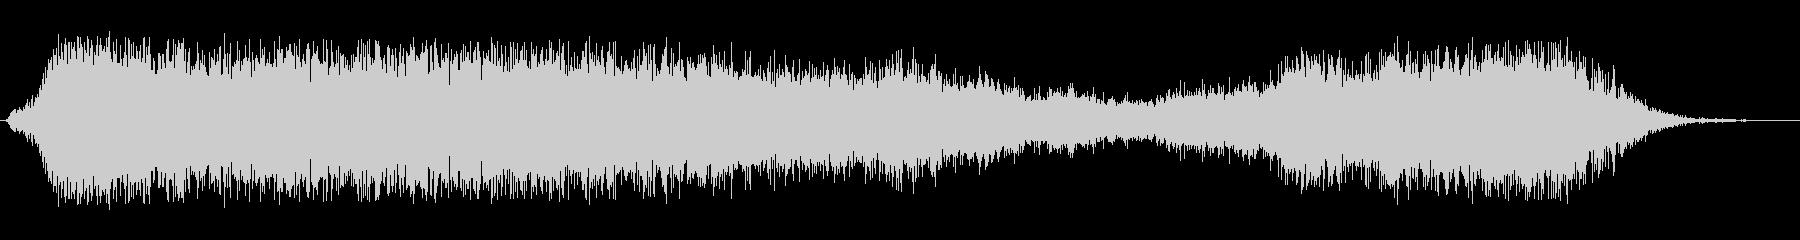 シュウウ、とスプレーなどを噴射する音の未再生の波形